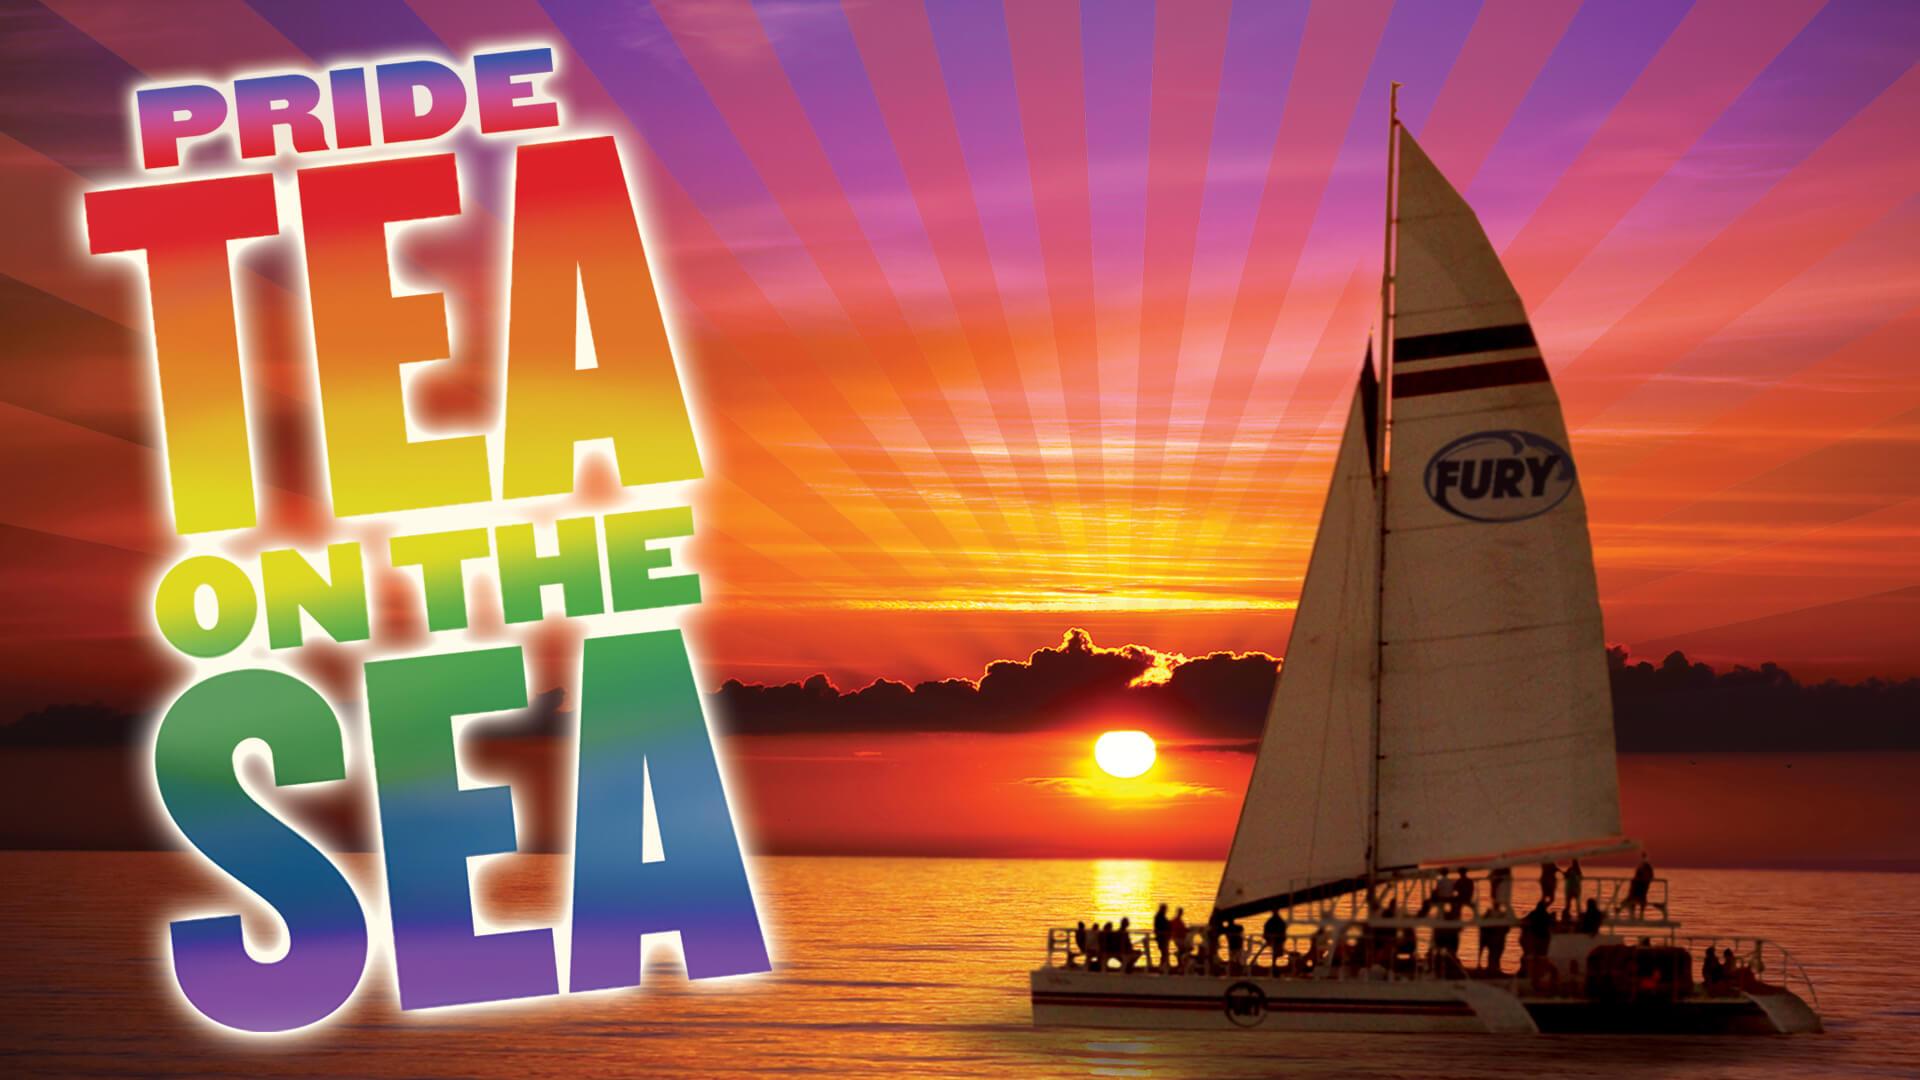 Pride Tea on the Sea